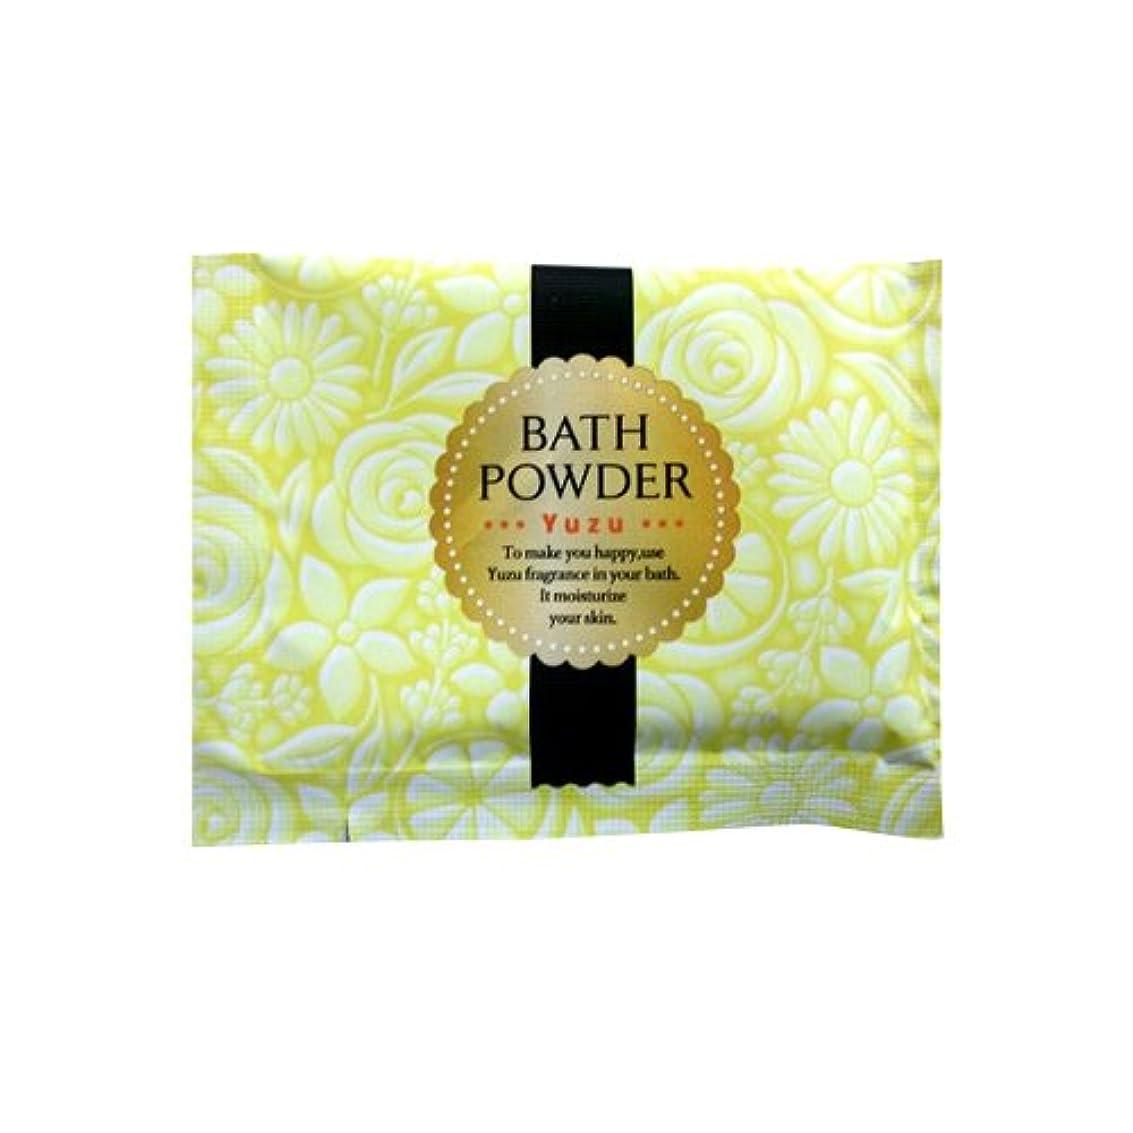 ギネス考え洞窟入浴剤 LUCKY BATH (ラッキーバス) 25g ユズの香り